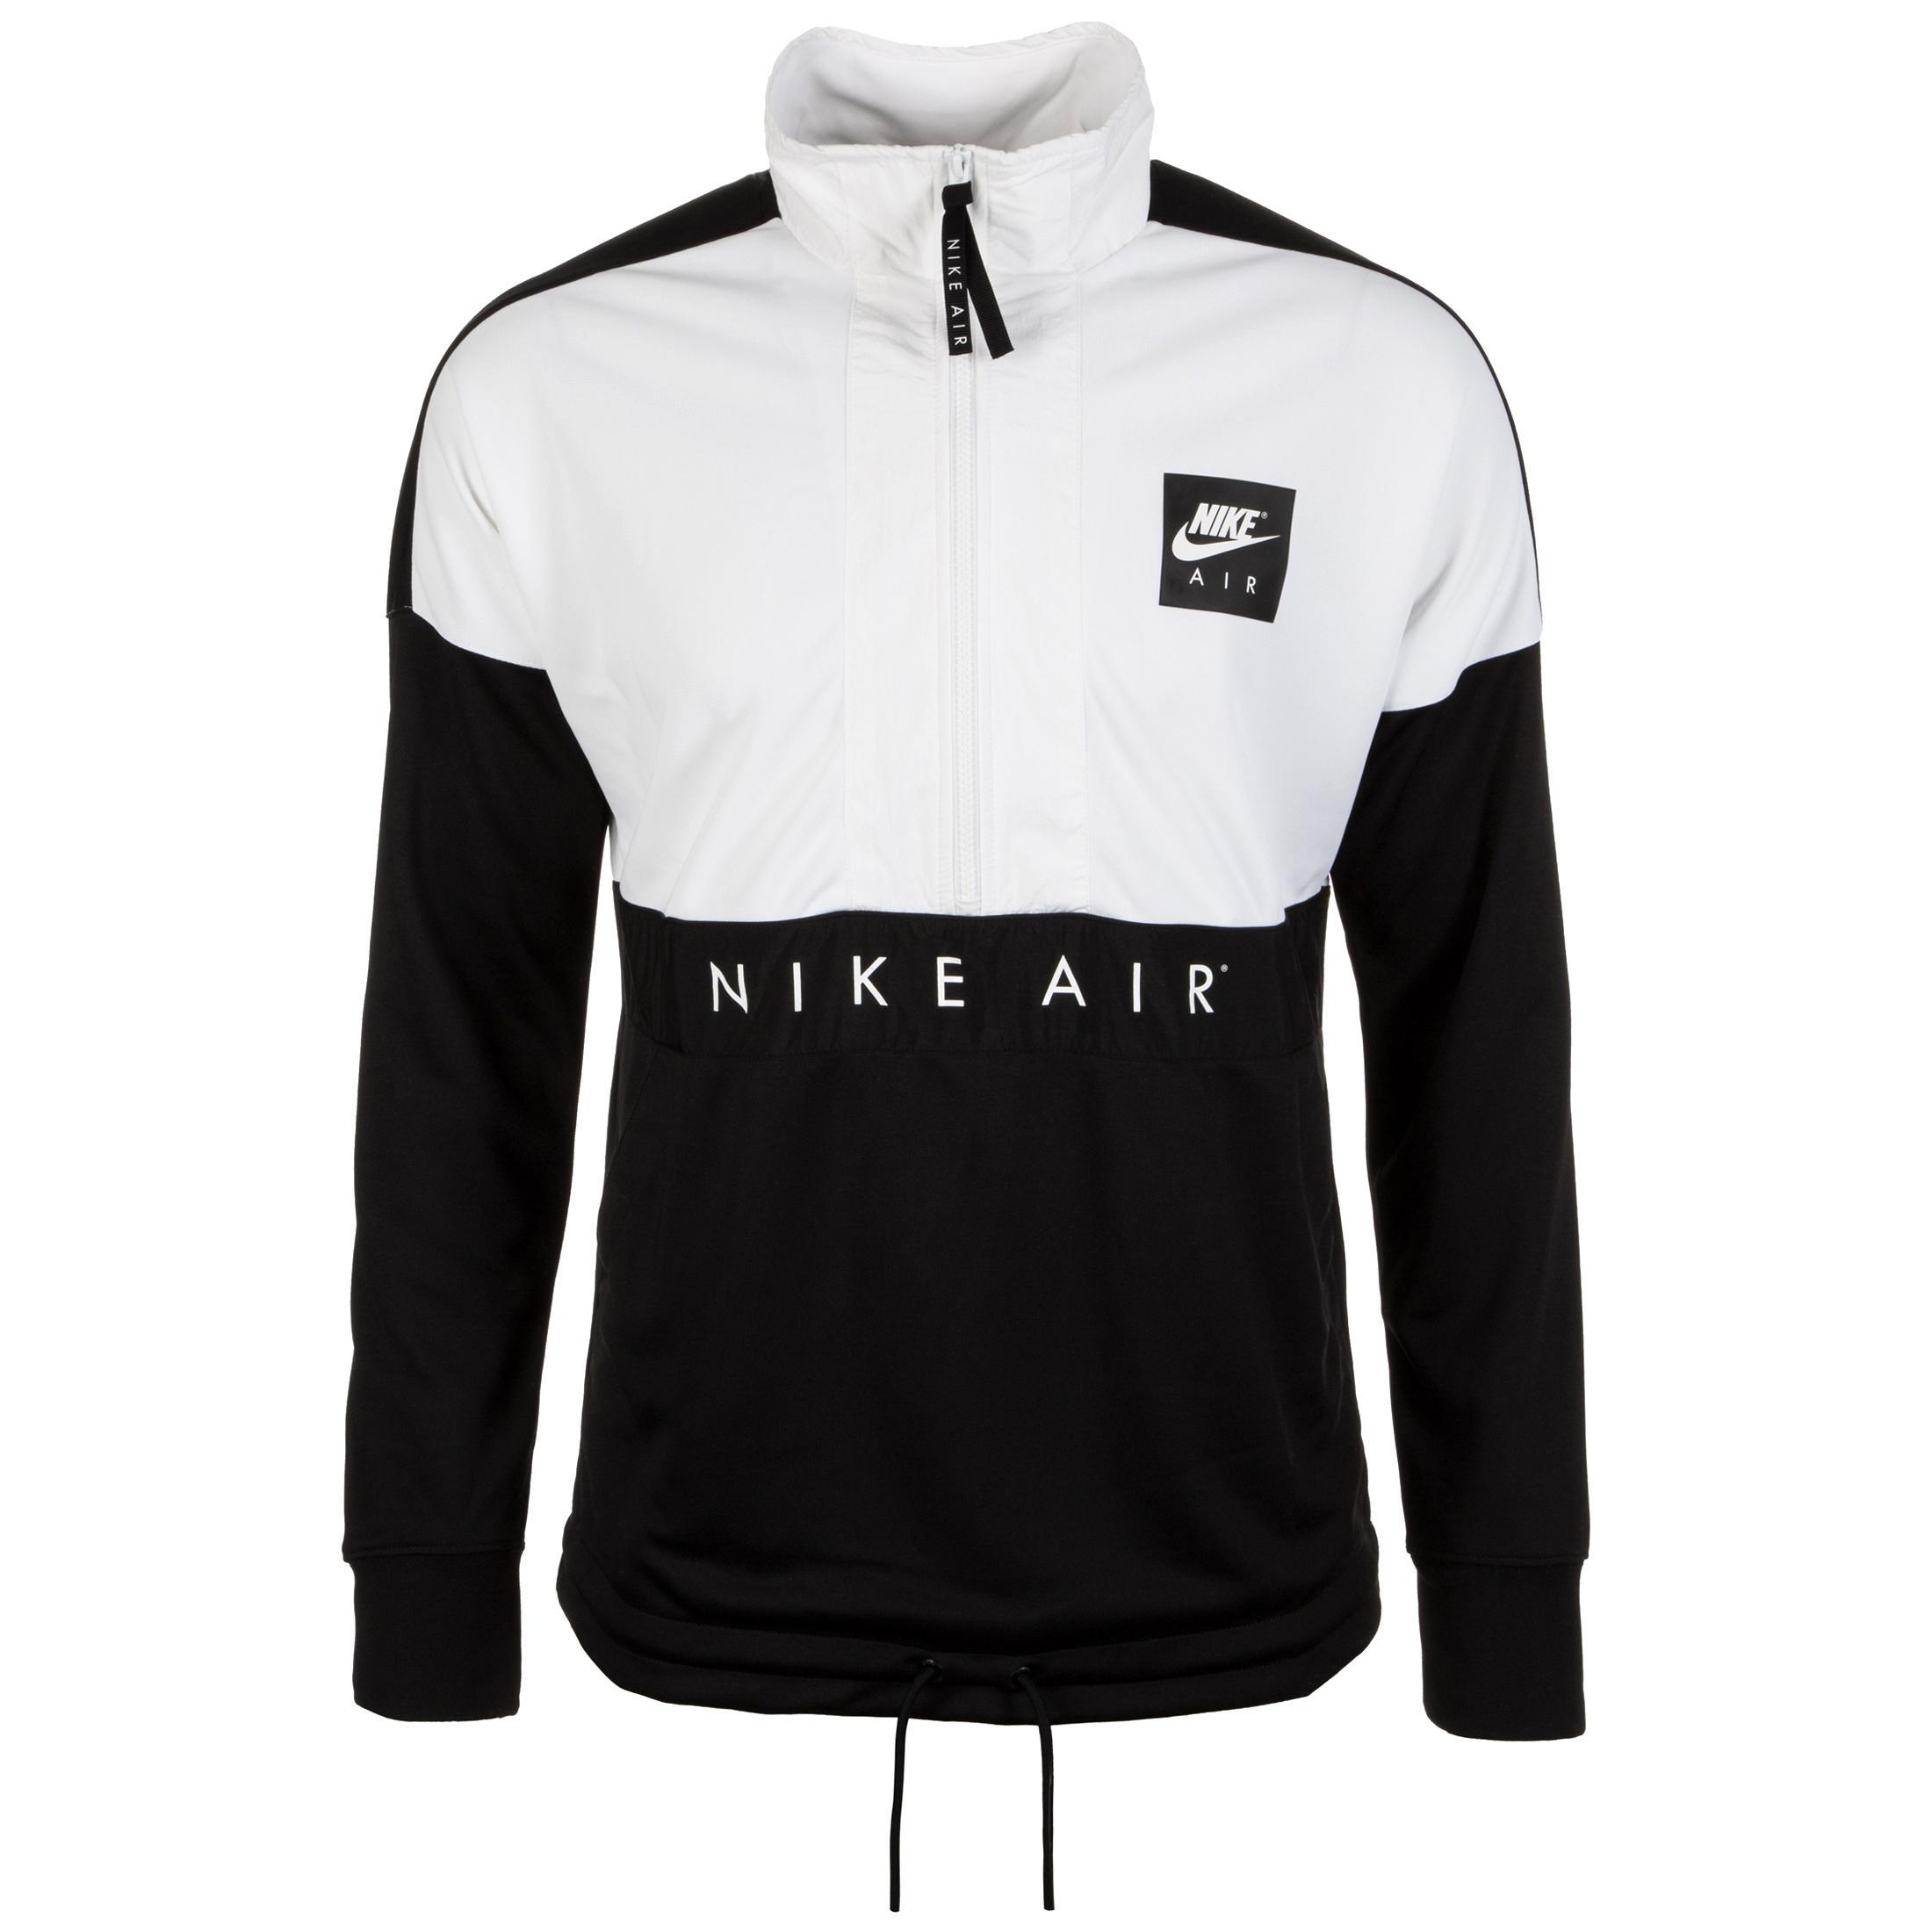 reputable site afd8f ec30f Nike Air Sweatshirt Herren weiß / schwarz im Online Shop von SportScheck  kaufen